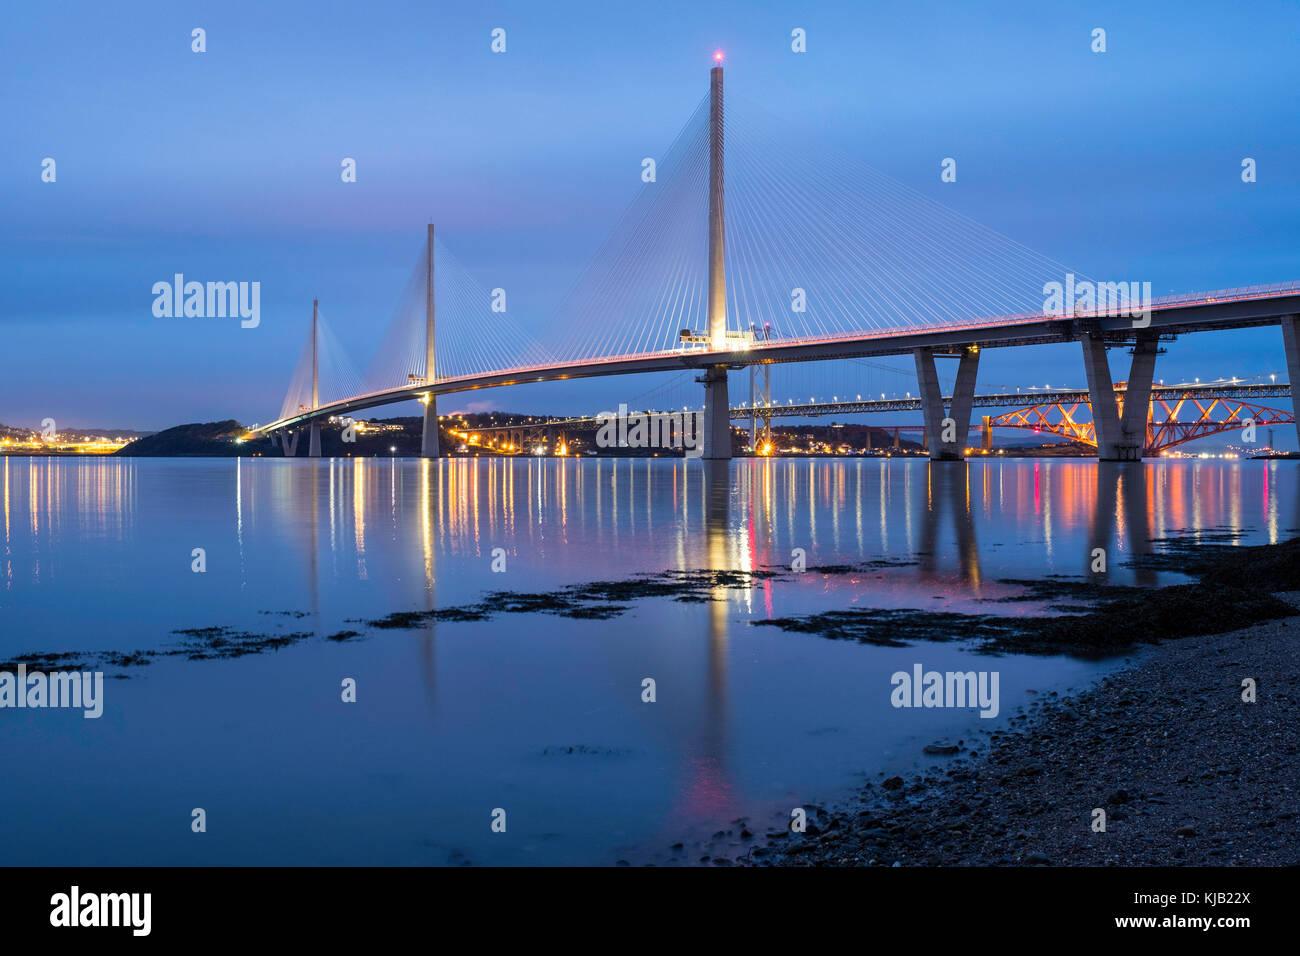 Vue de la nuit de nouveau croisement queensferry pont enjambant la rivière Forth en Écosse, Royaume-Uni Photo Stock